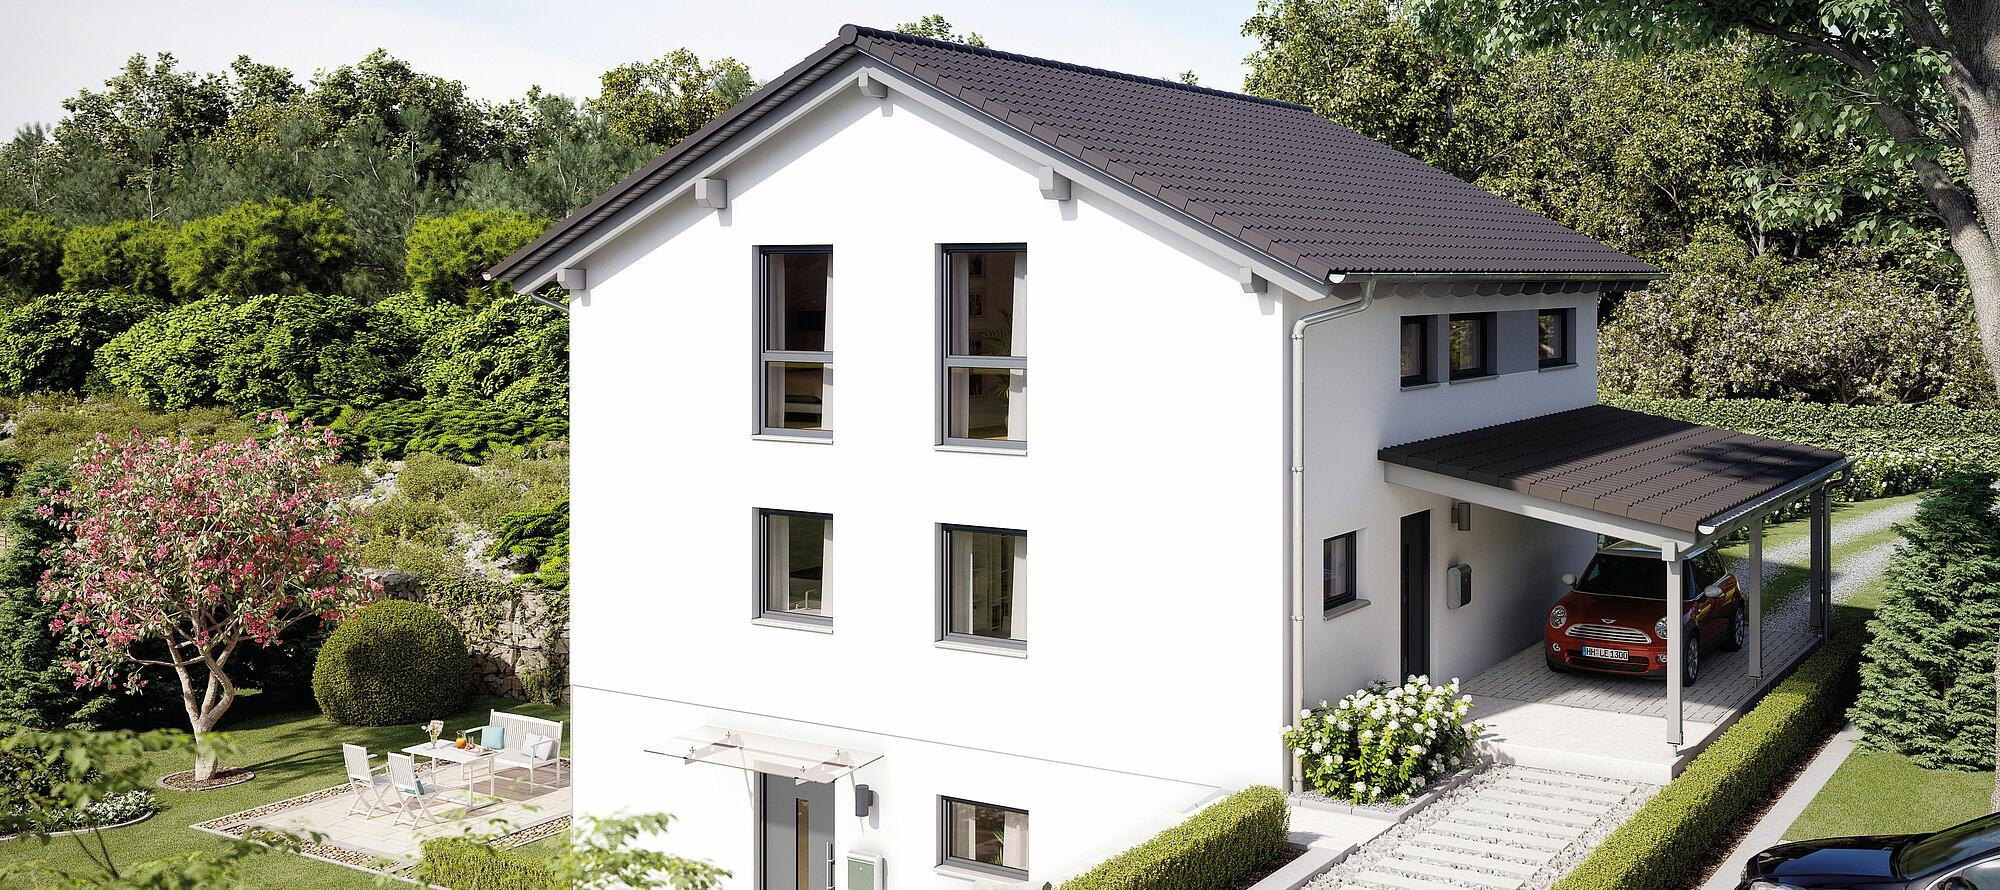 Fertighaus Variant 25 166 Mit Einliegerwohnung Variante 2 Hanse Haus